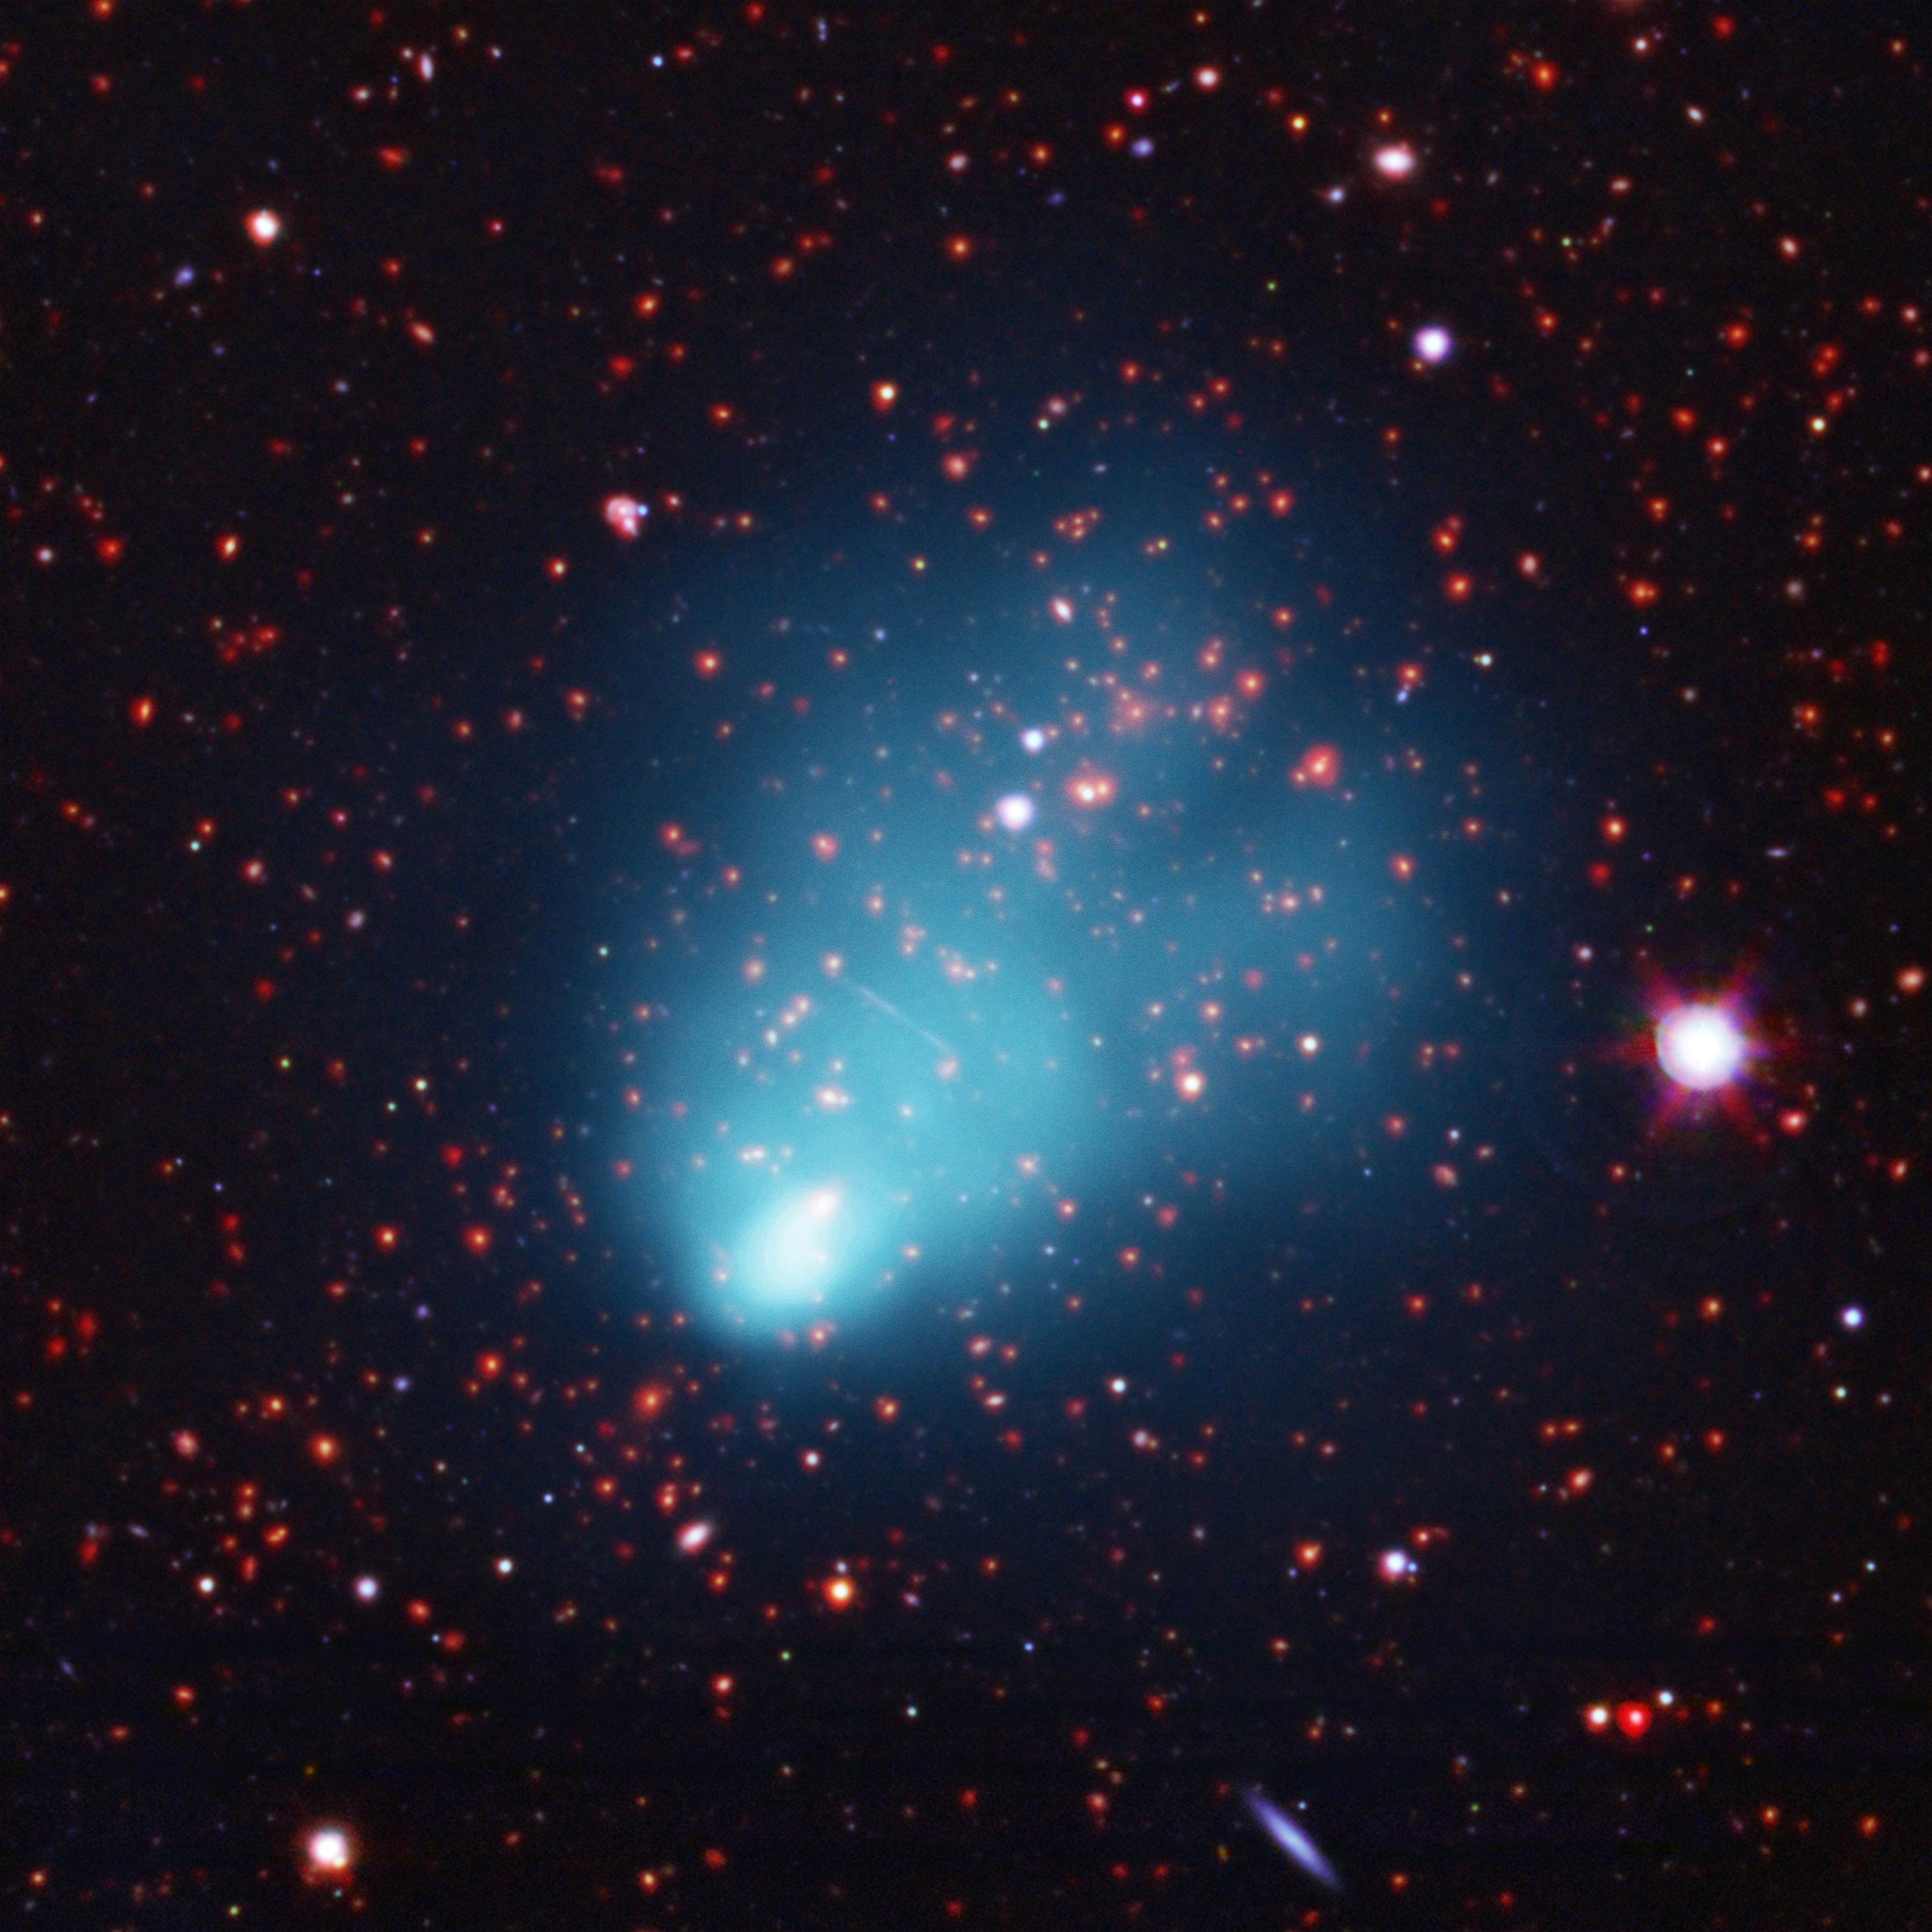 NASA - Marshall Star, January 18, 2012 Edition